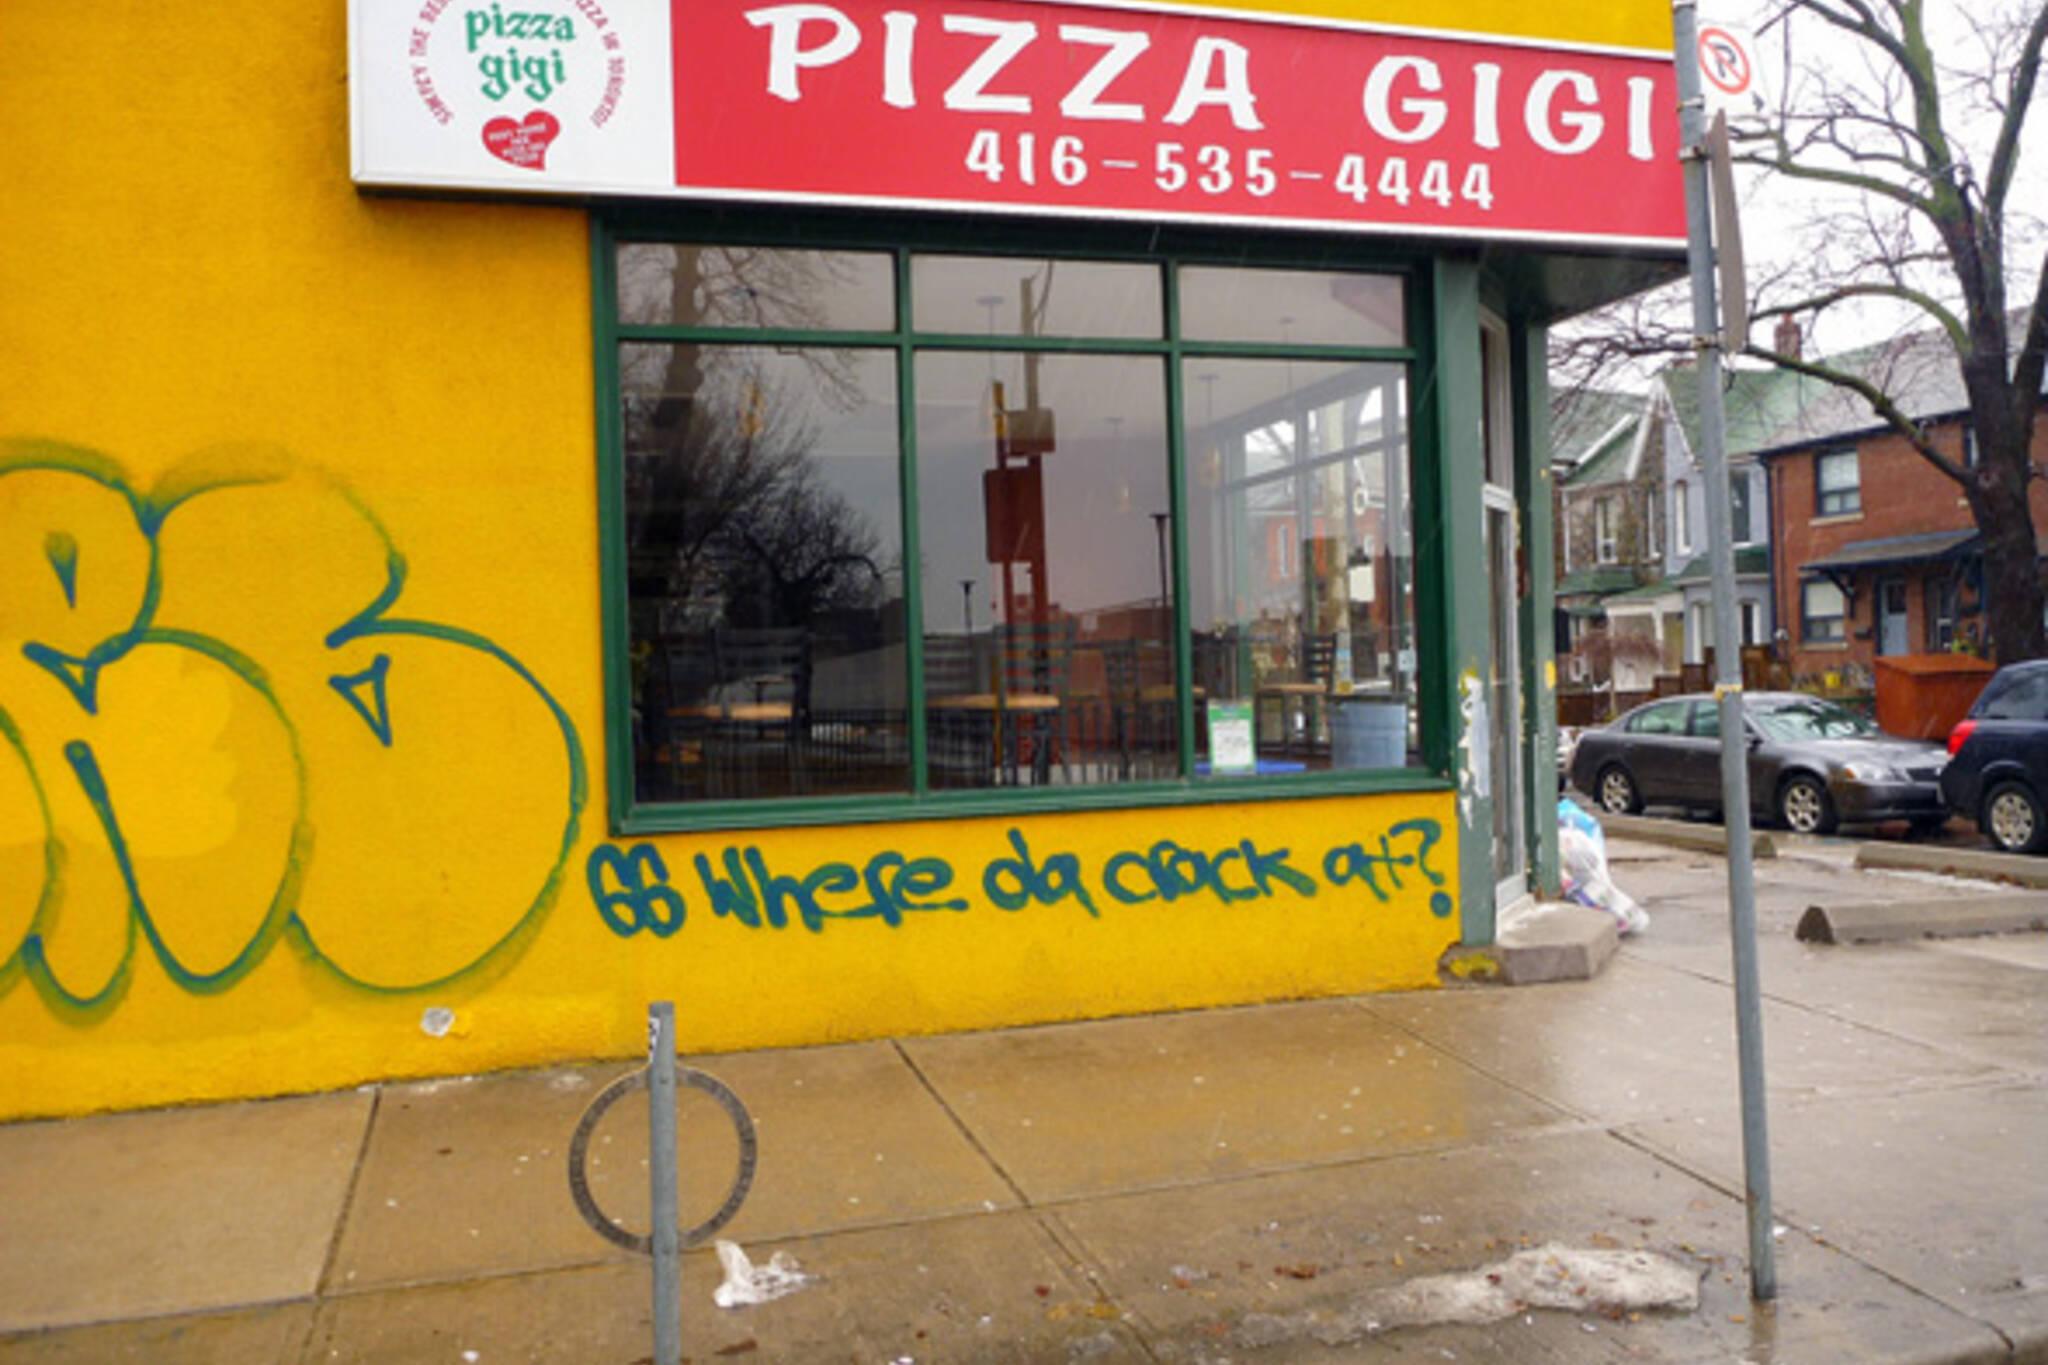 Pizza Gigi seized